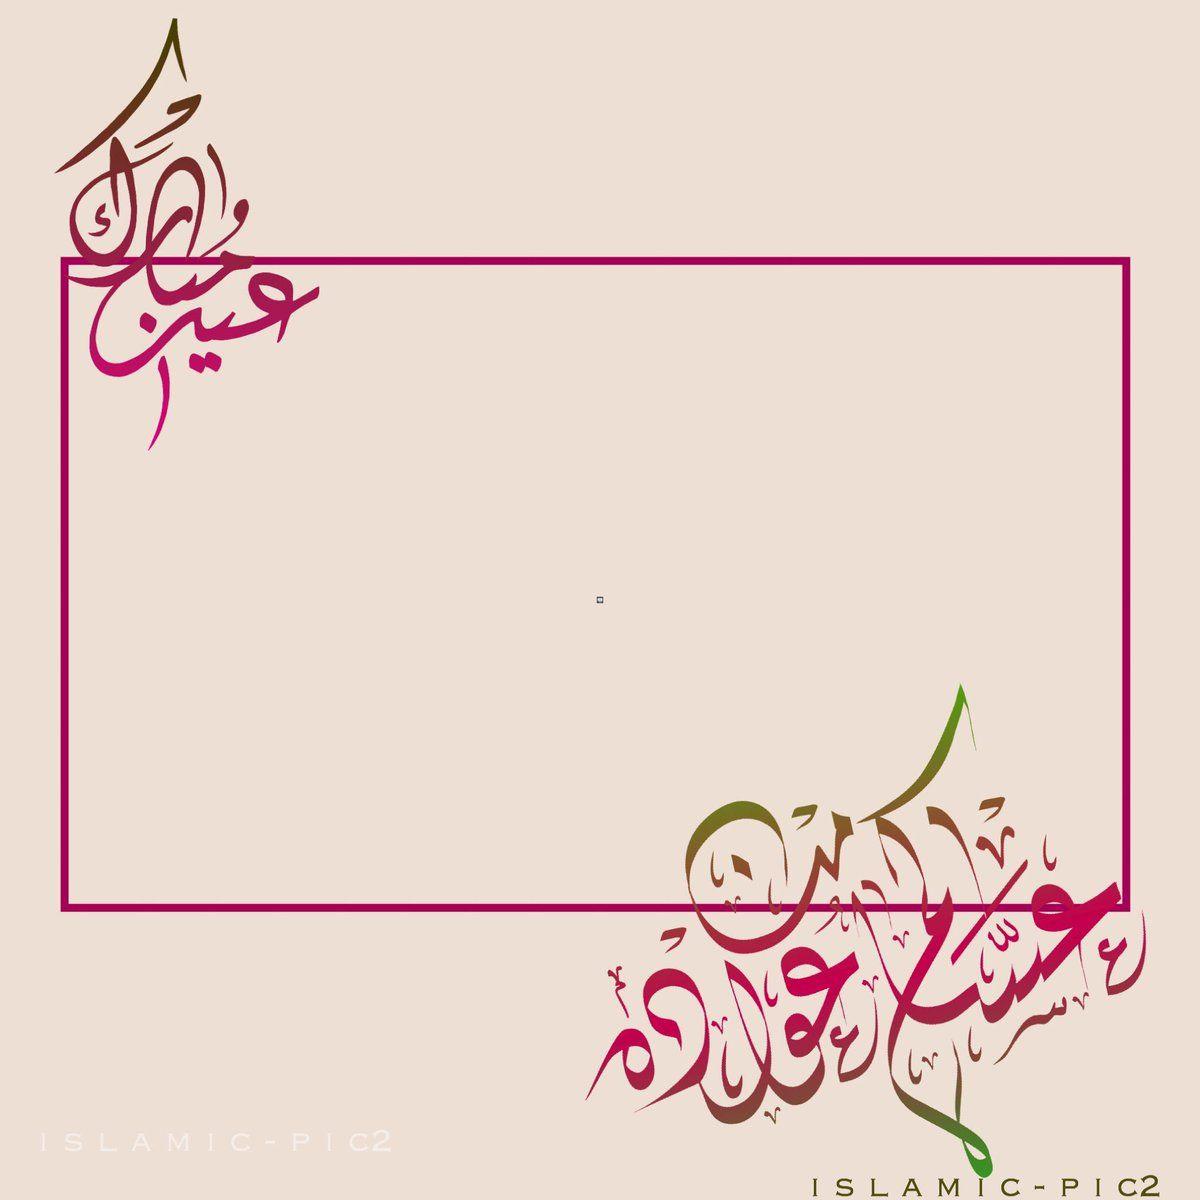 ثيمات فارغة مربعه جاهزة للكتابة والطباعة 2020 Art Arabic Calligraphy